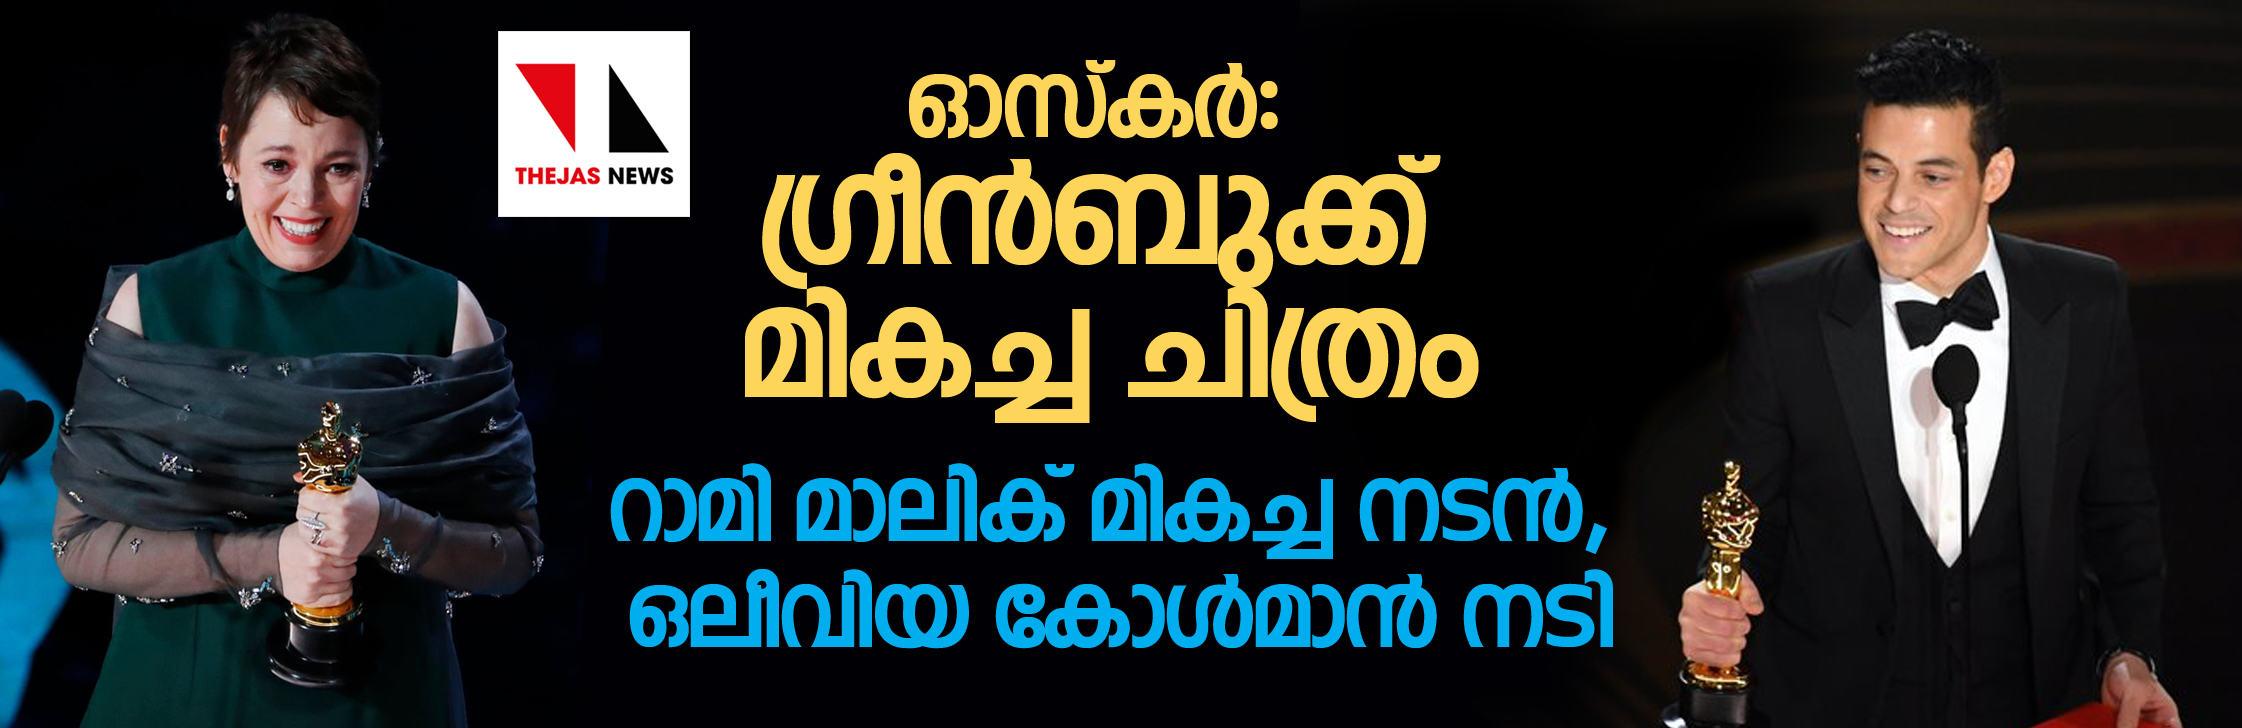 ഓസ്കര്: ഗ്രീന്ബുക്ക് മികച്ച ചിത്രം;  റാമി മാലിക് മികച്ച നടന്, ഒലീവിയ കോള്മാന് നടി